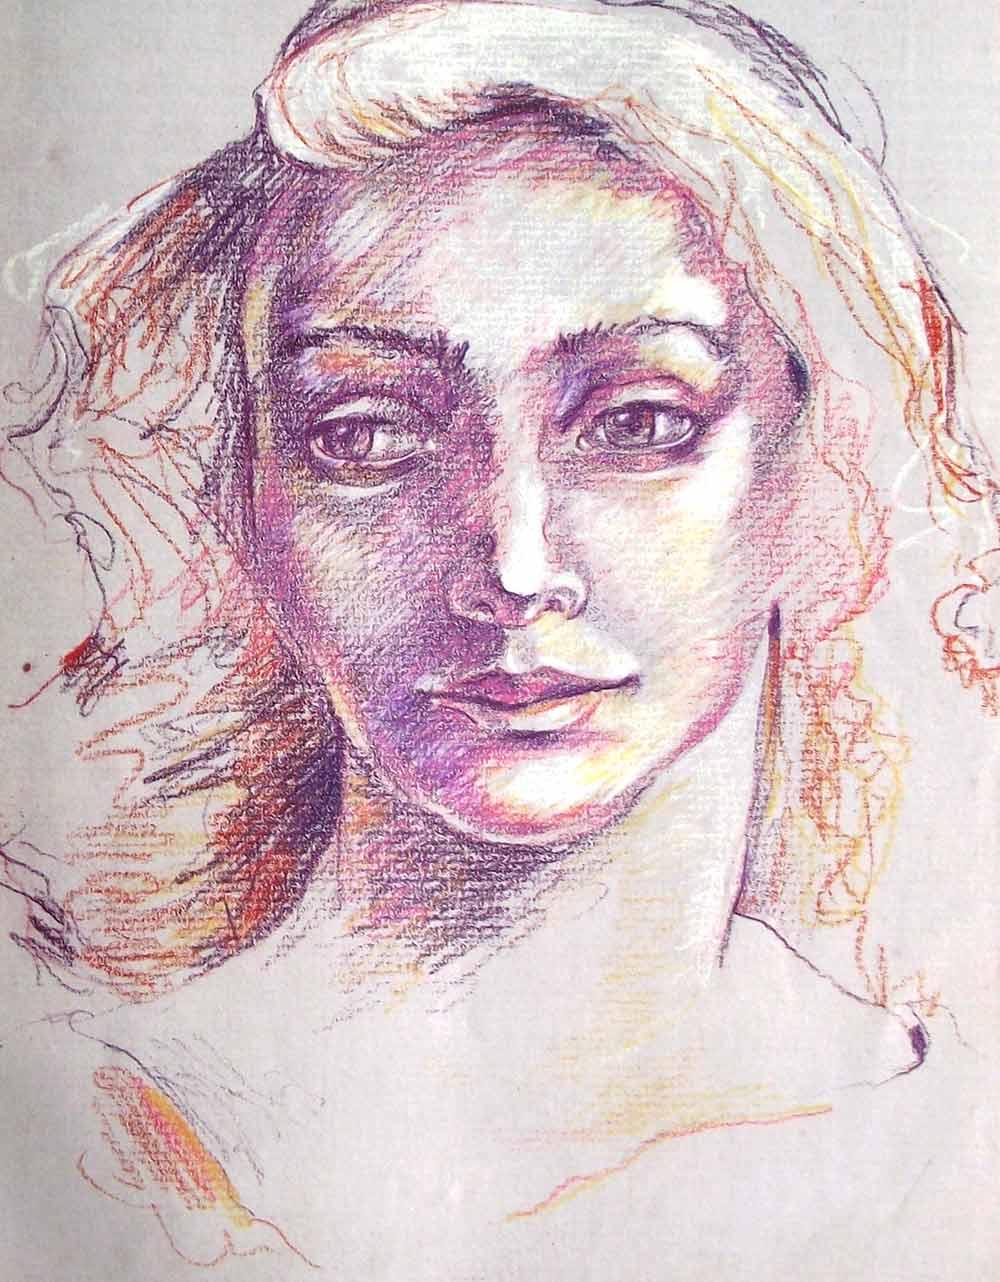 Dibujar un rostro con lpices de colores Paso a paso  Pintura y